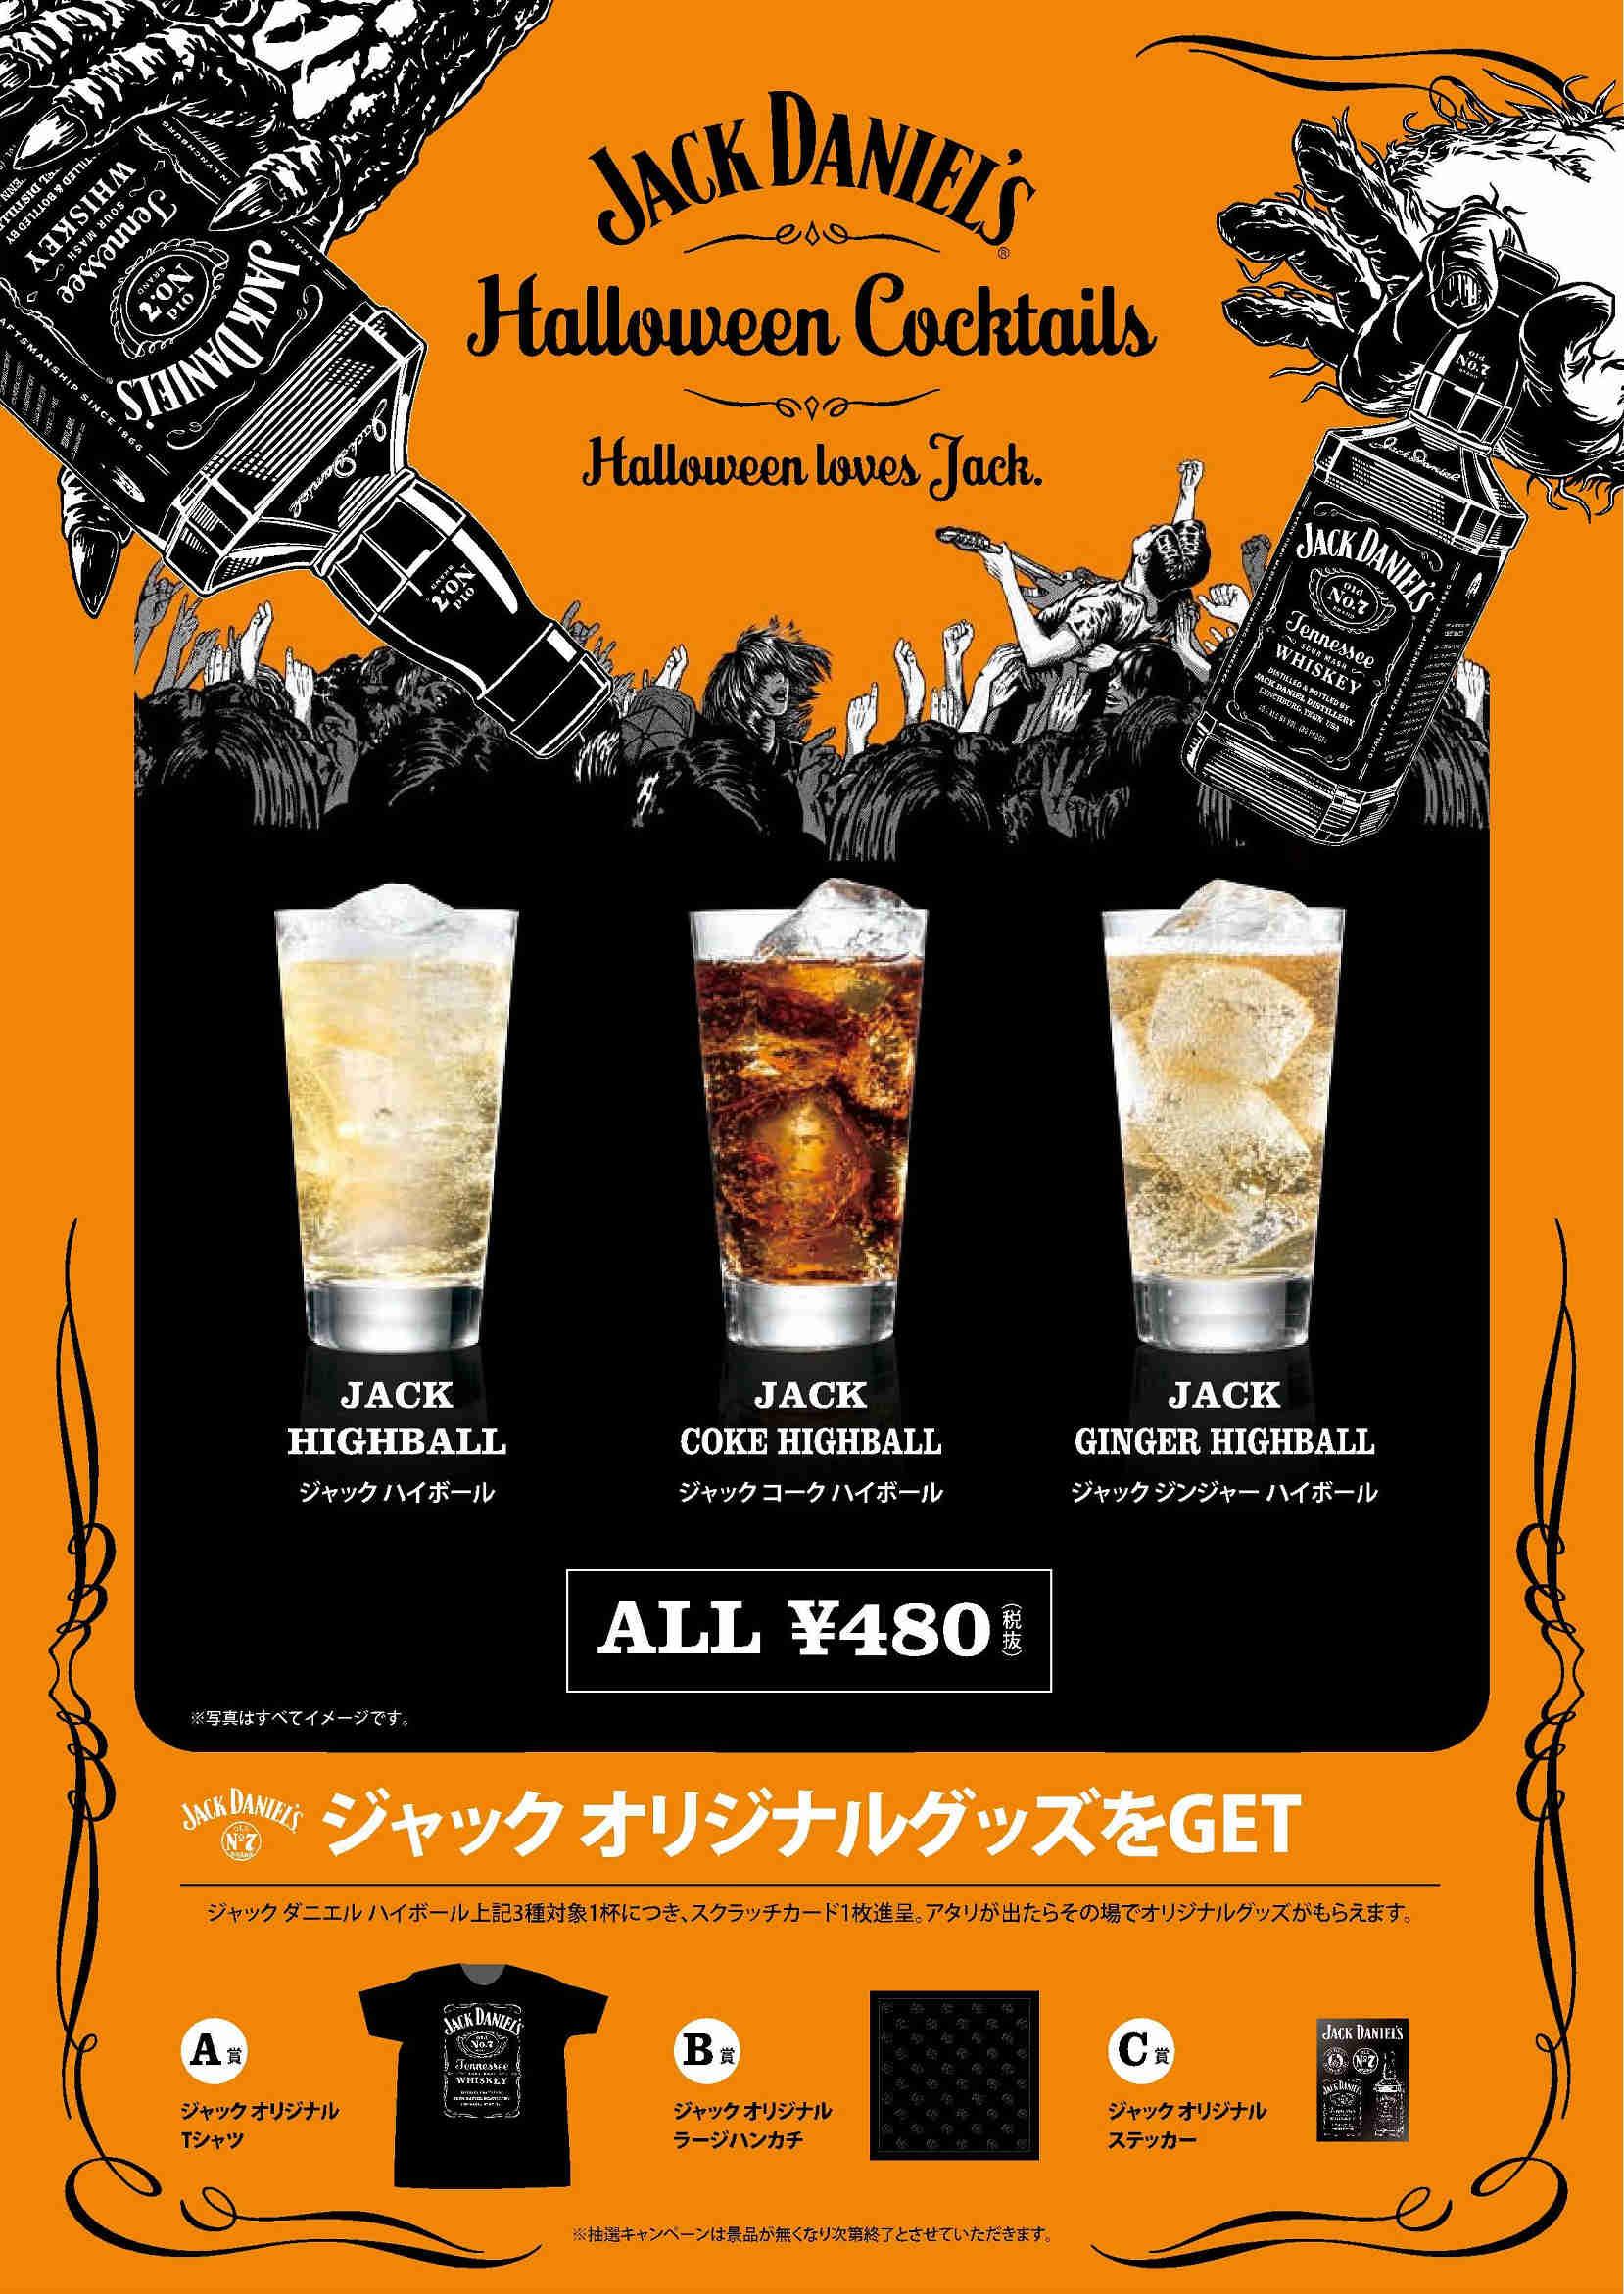 ジャックダニエル【Halloween loves Jack】キャンペーン、始まります!